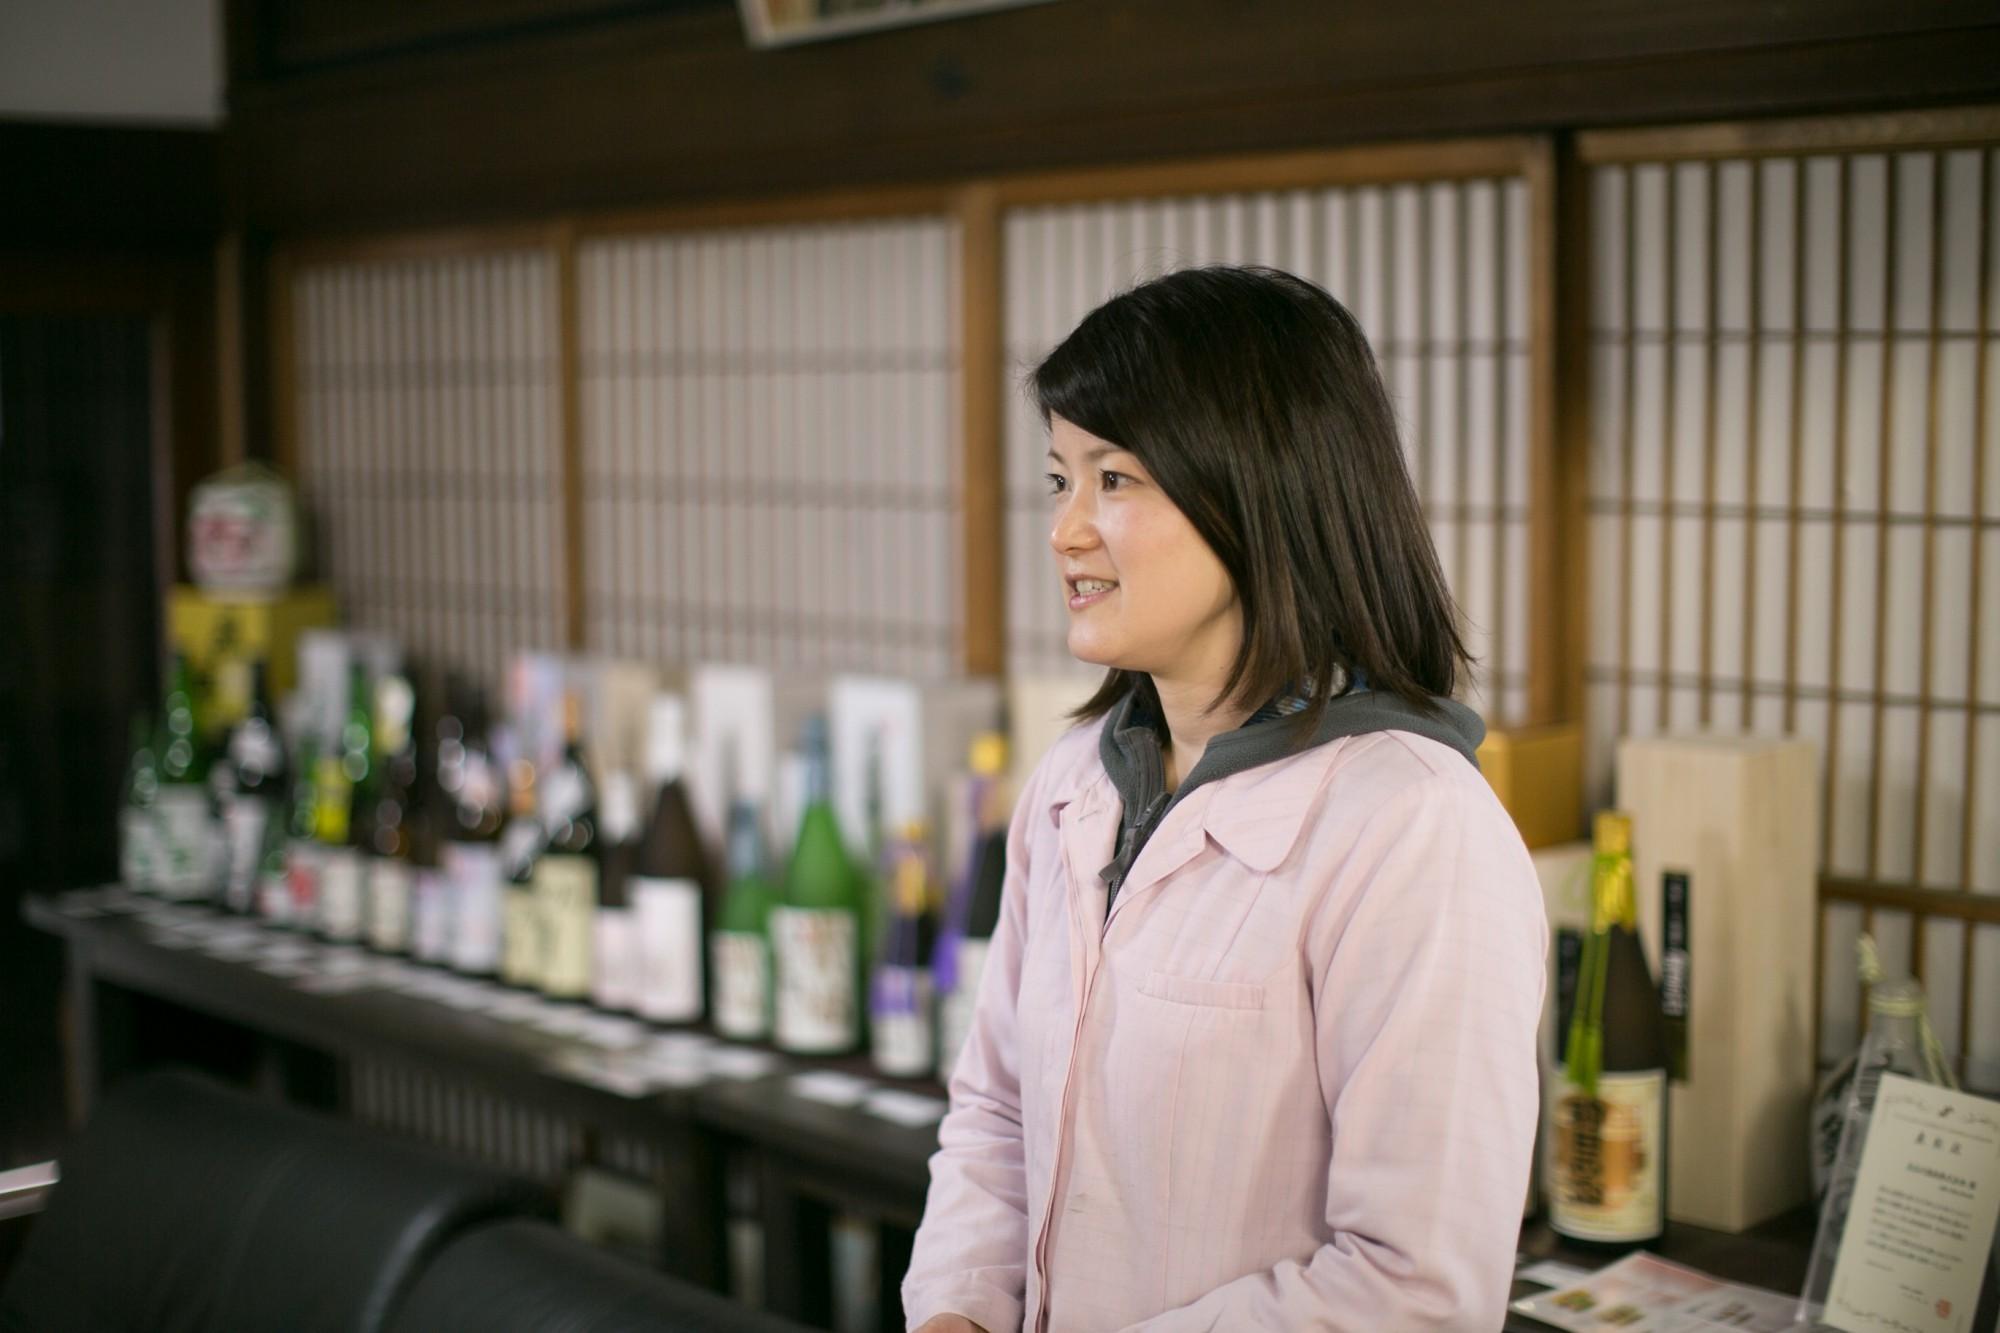 比田井聡子さんは長谷川社長の娘さん。家族を中心に、しっかりと伝統を守っています。